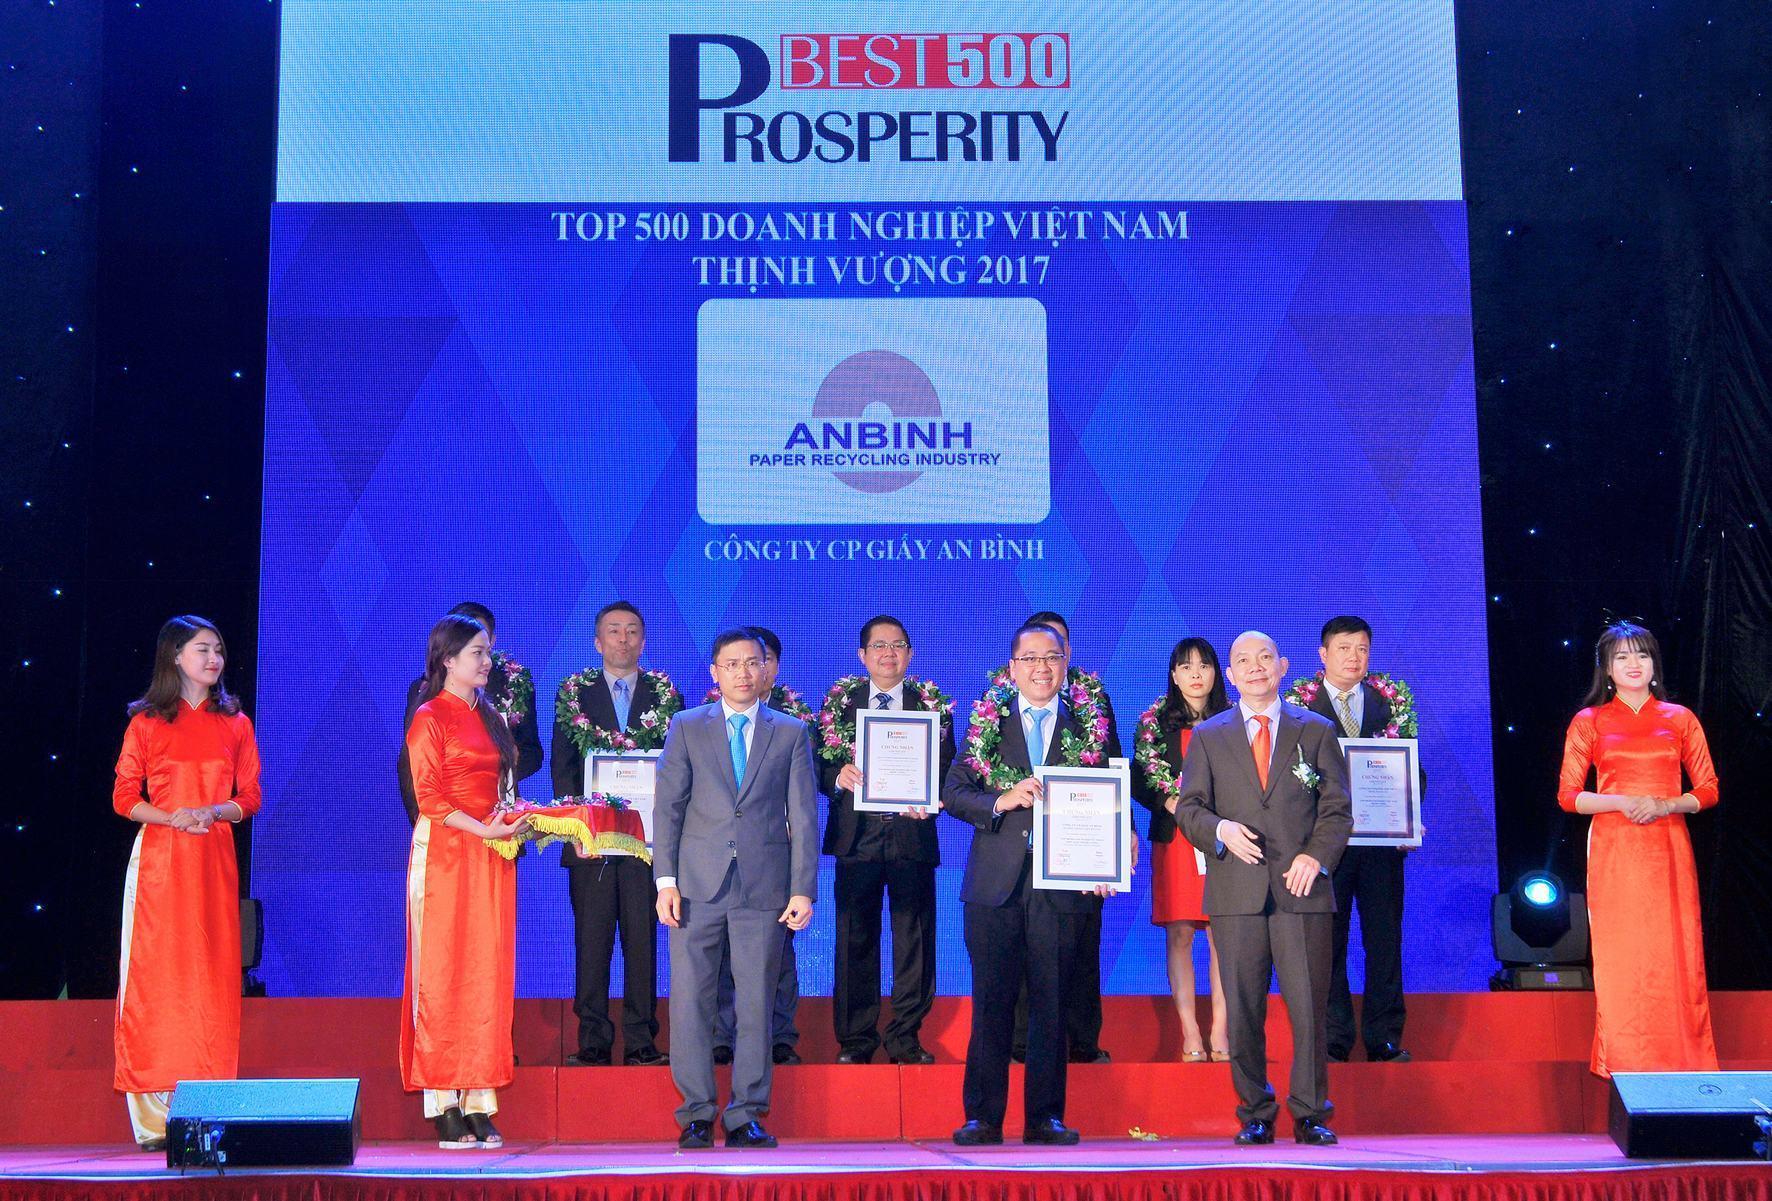 Giấy An Bình lọt vào Top 500 doanh nghiệp tư nhân Việt Nam thịnh vượng năm 2017